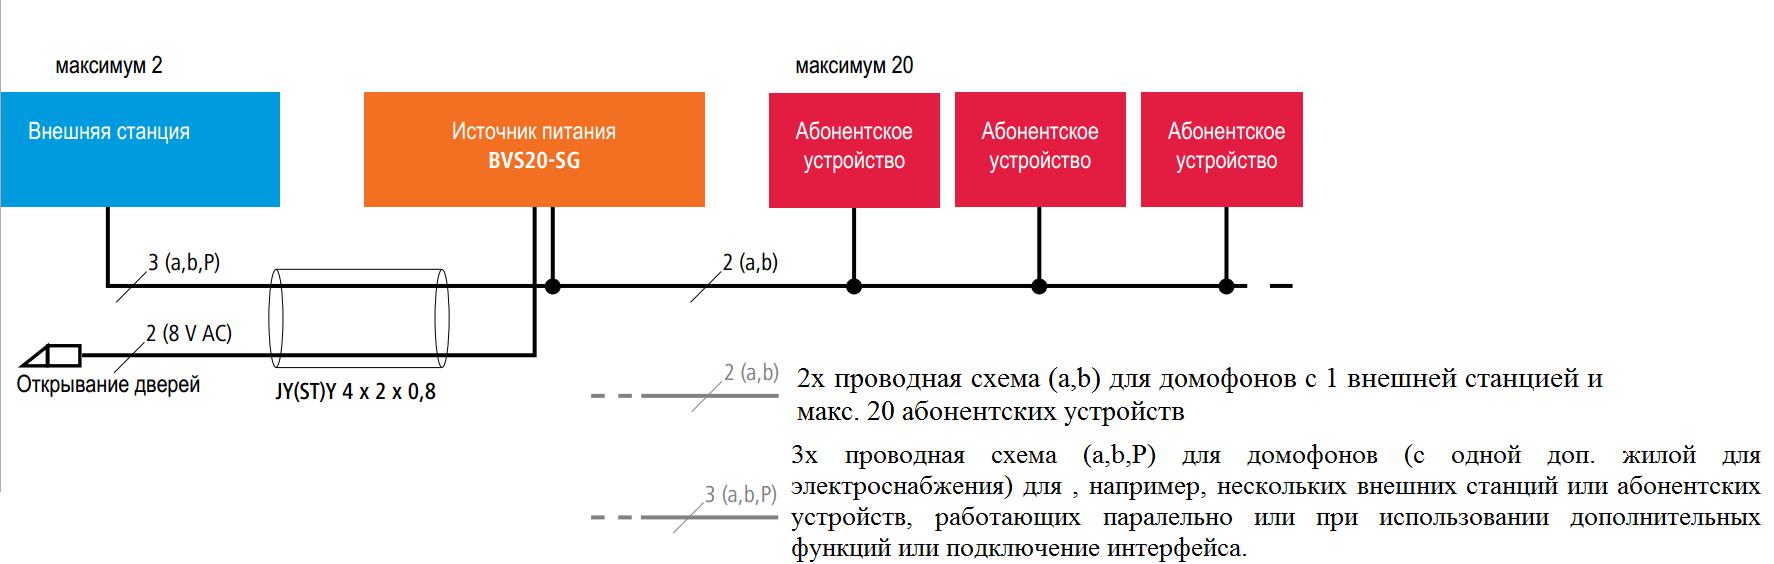 2х, 3х- проводная схема